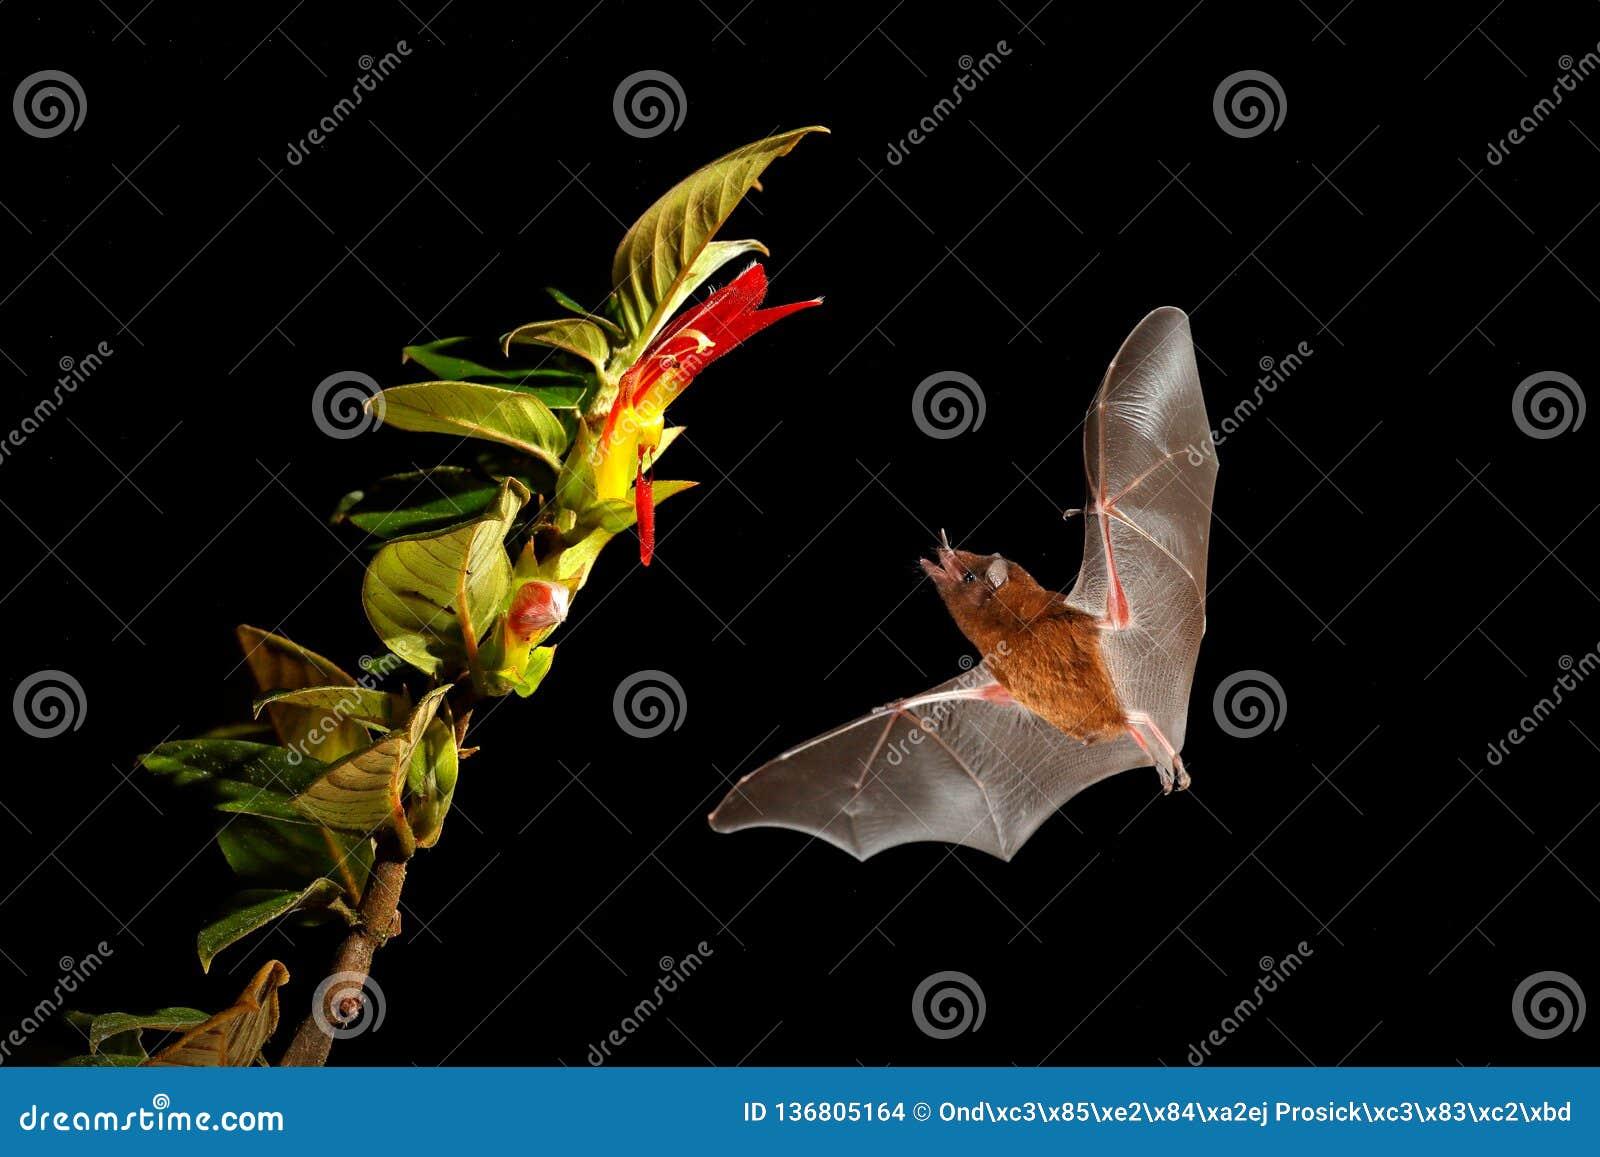 Oranje nectarknuppel, robusta, vliegende knuppel van Lonchophylla in donkere nacht Nachtelijk dier tijdens de vlucht met gele voe